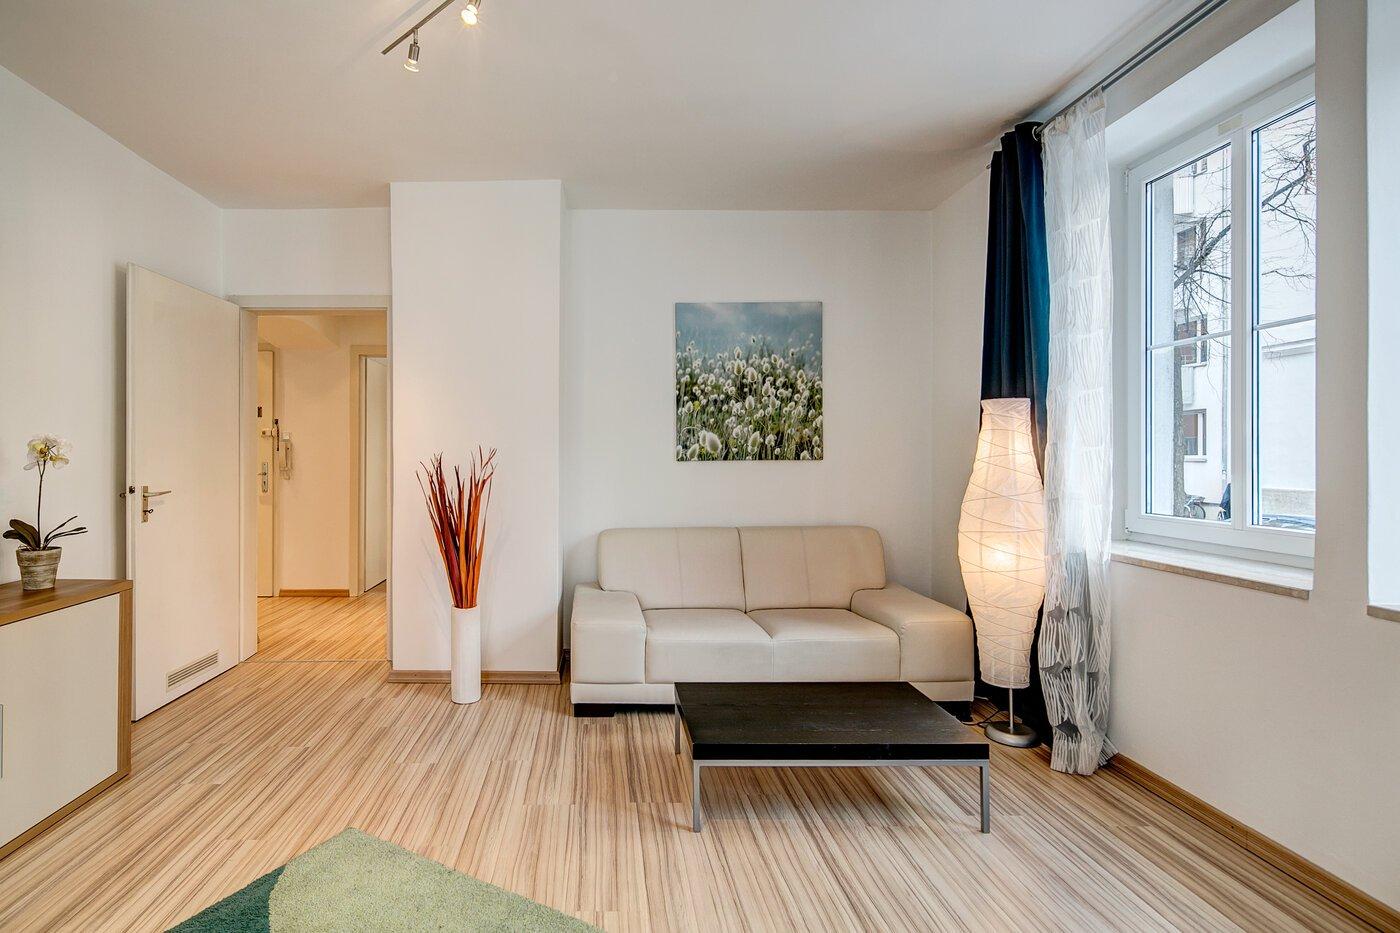 2 zimmer wohnung m bliert gro er flachbildfernseher m nchen schwabing 4119. Black Bedroom Furniture Sets. Home Design Ideas